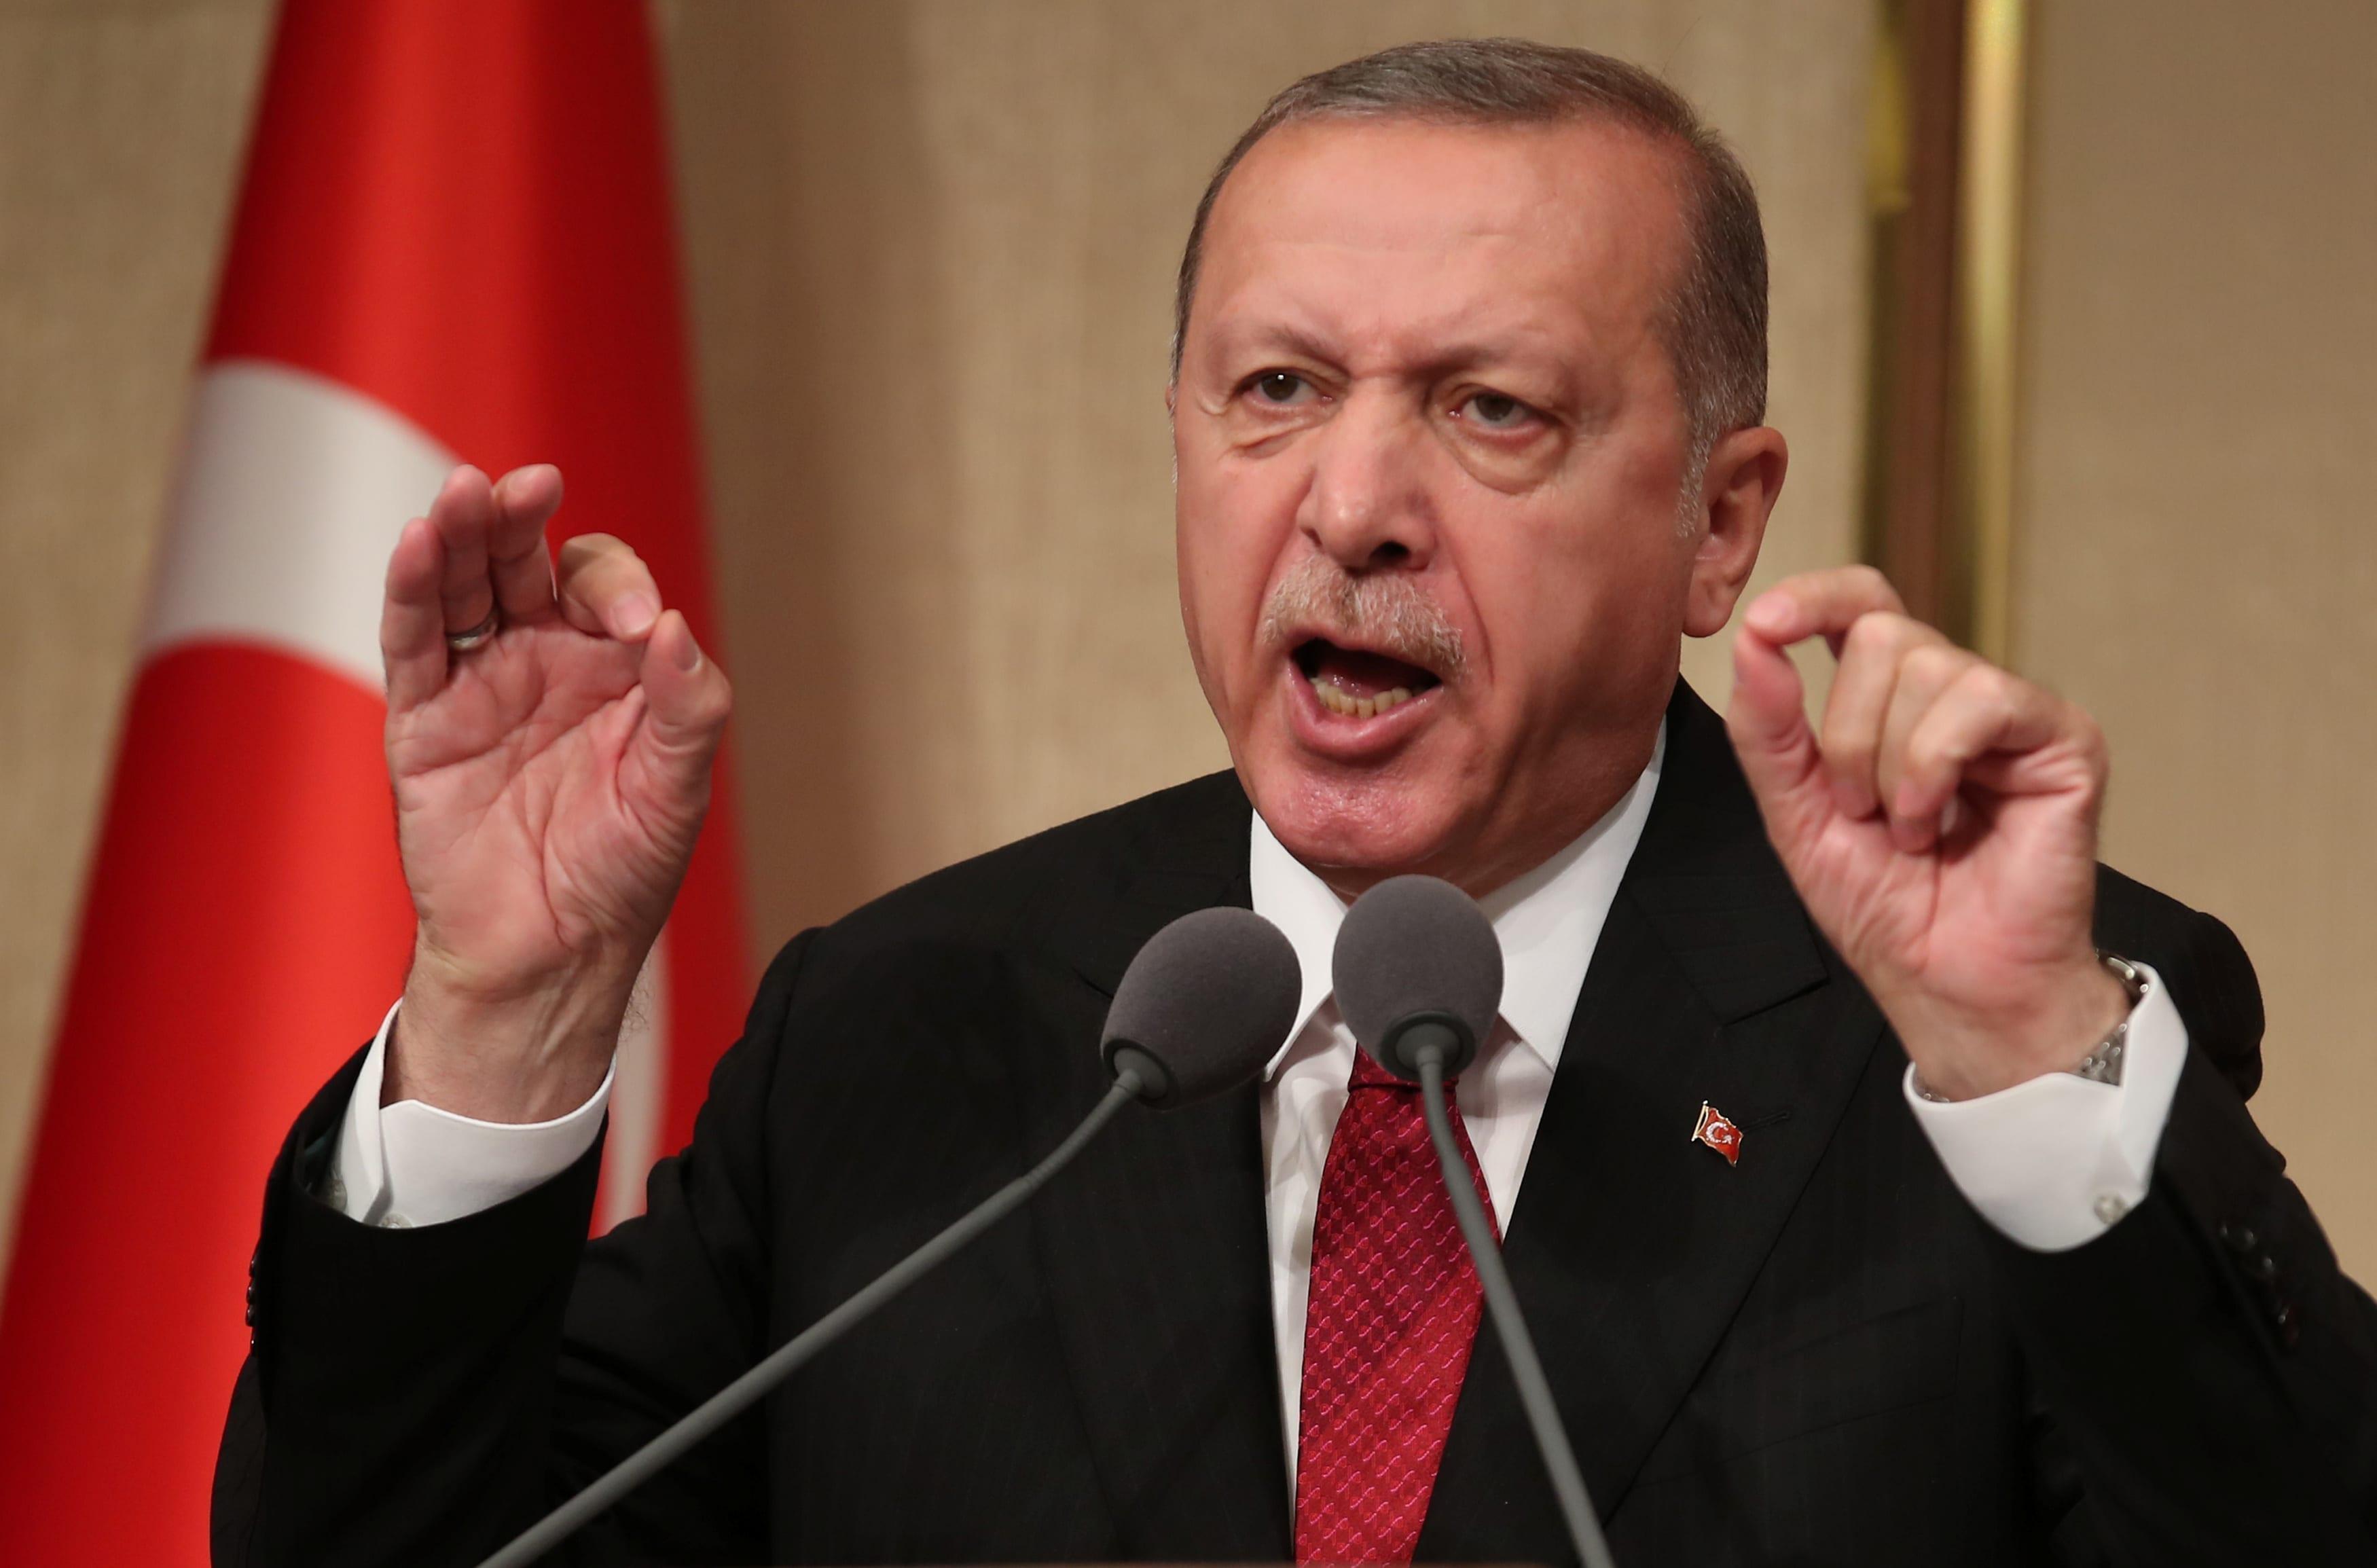 اردوغان: آتش بس با خروج ارمنستان از قره باغ رخ می دهد